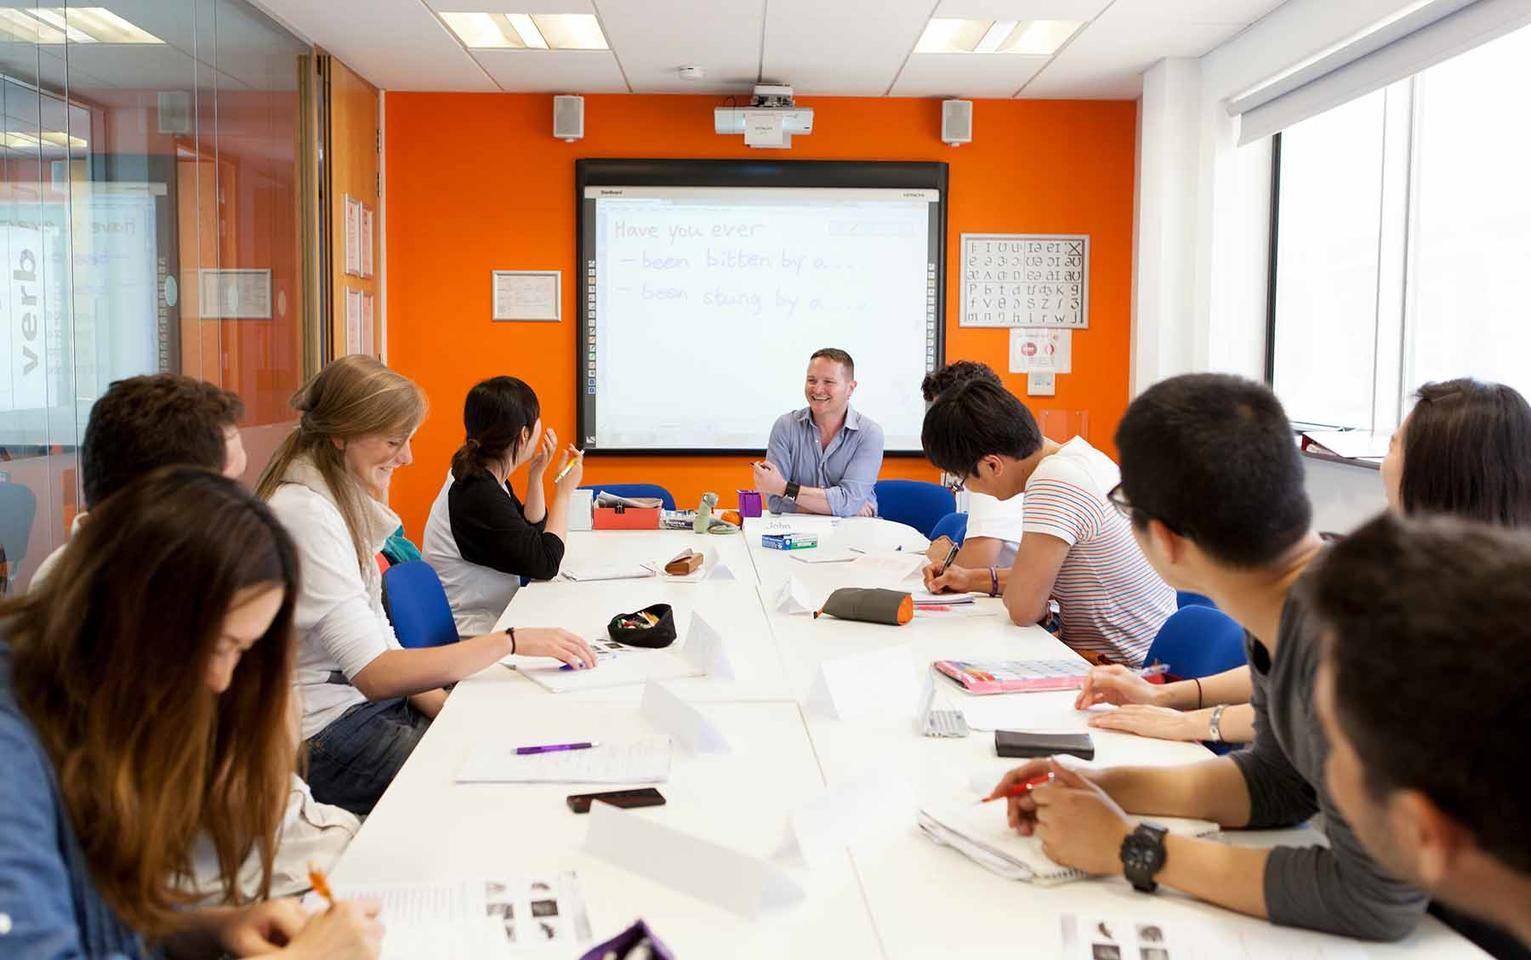 Языковые курсы в англии | языковые школы в англии с ef